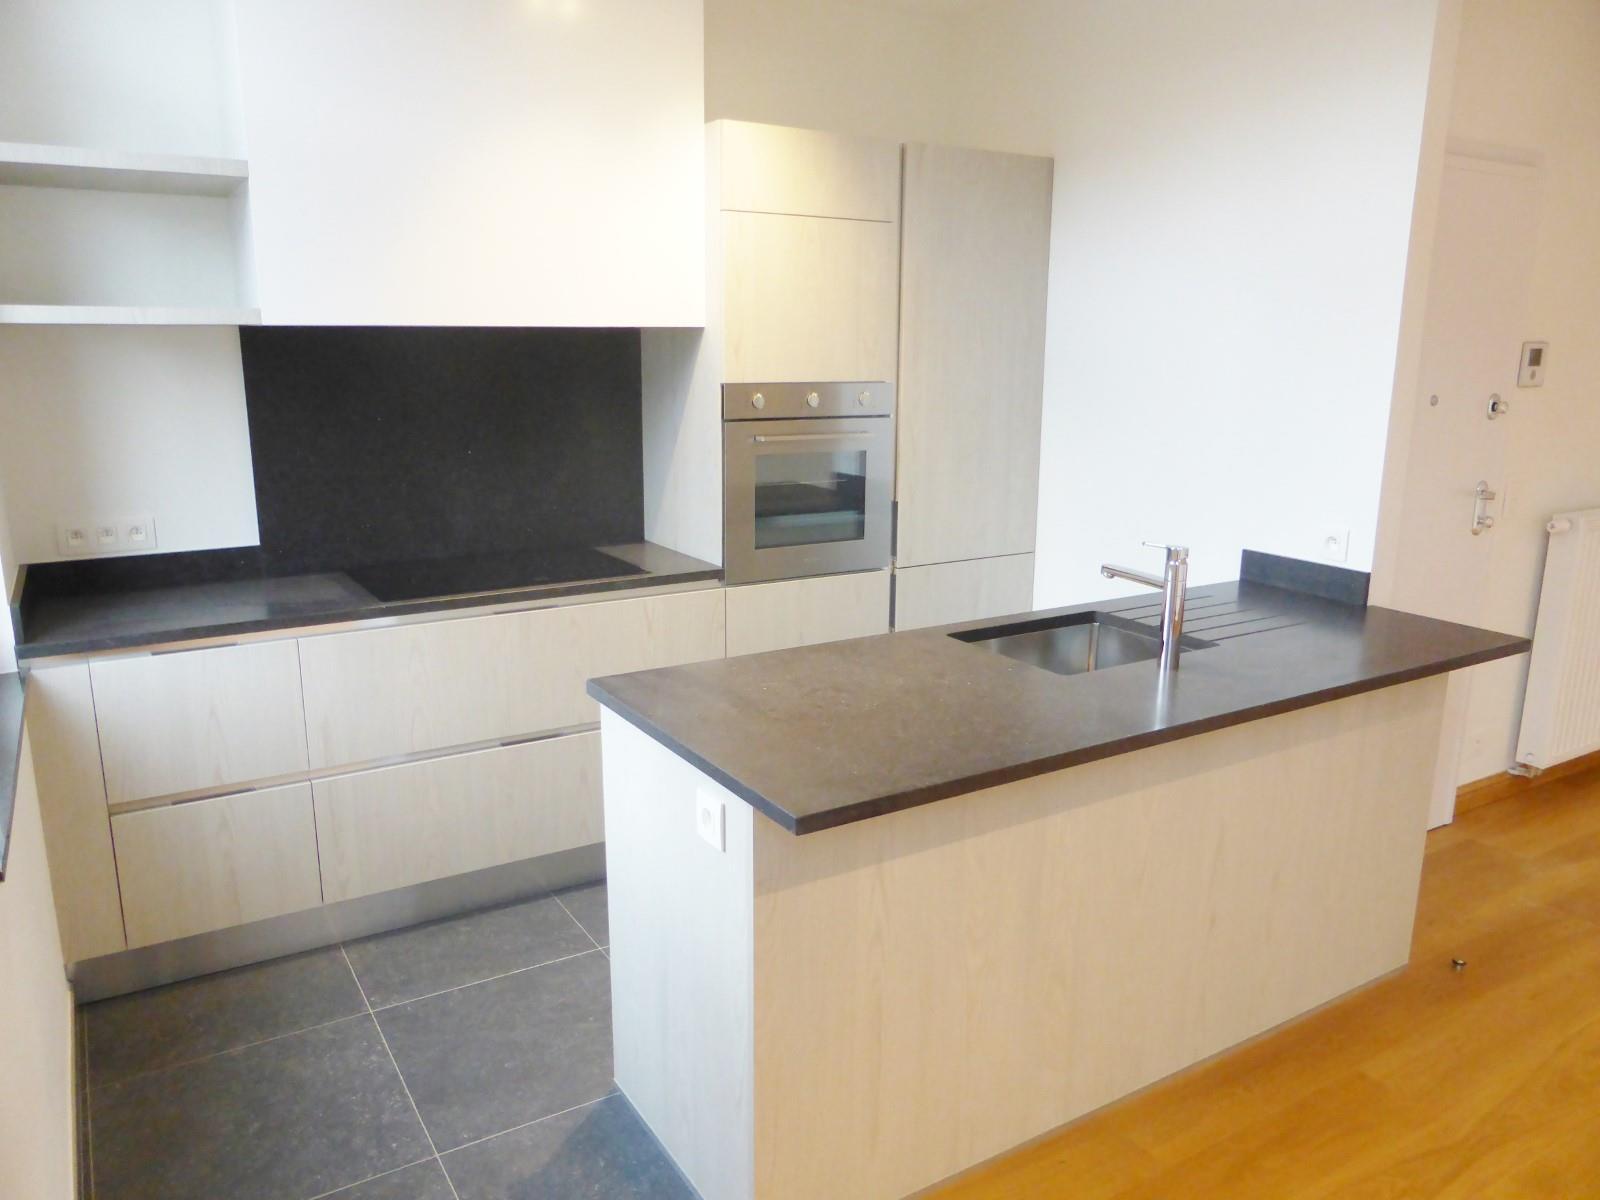 Appartement exceptionnel - Bruxelles - #4056384-30